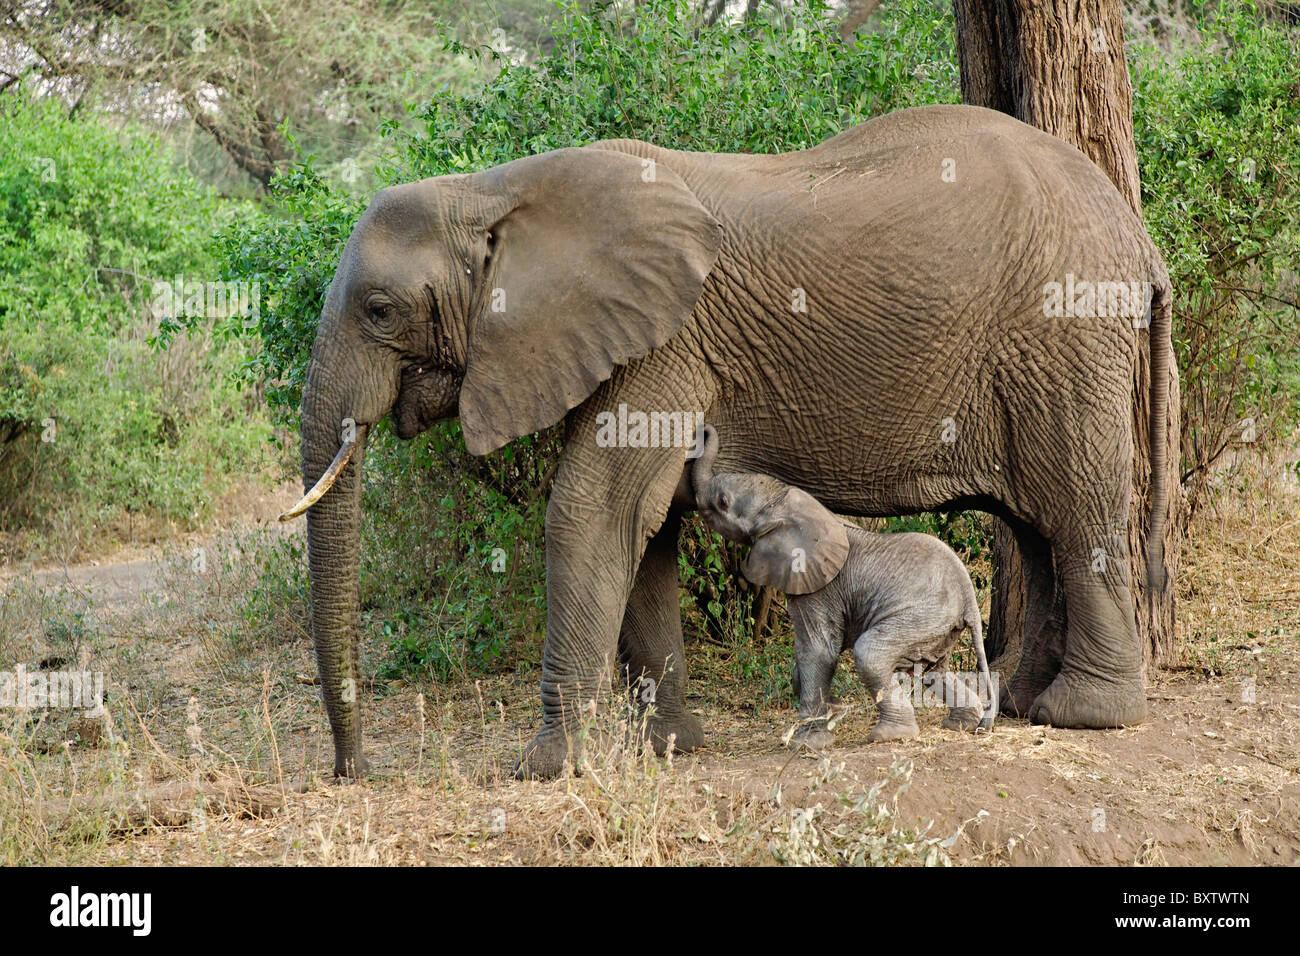 Newborn baby elephant nursing, Elephant,Loxodonta africana, Lake Manyara National Park, Tanzania, Africa - Stock Image